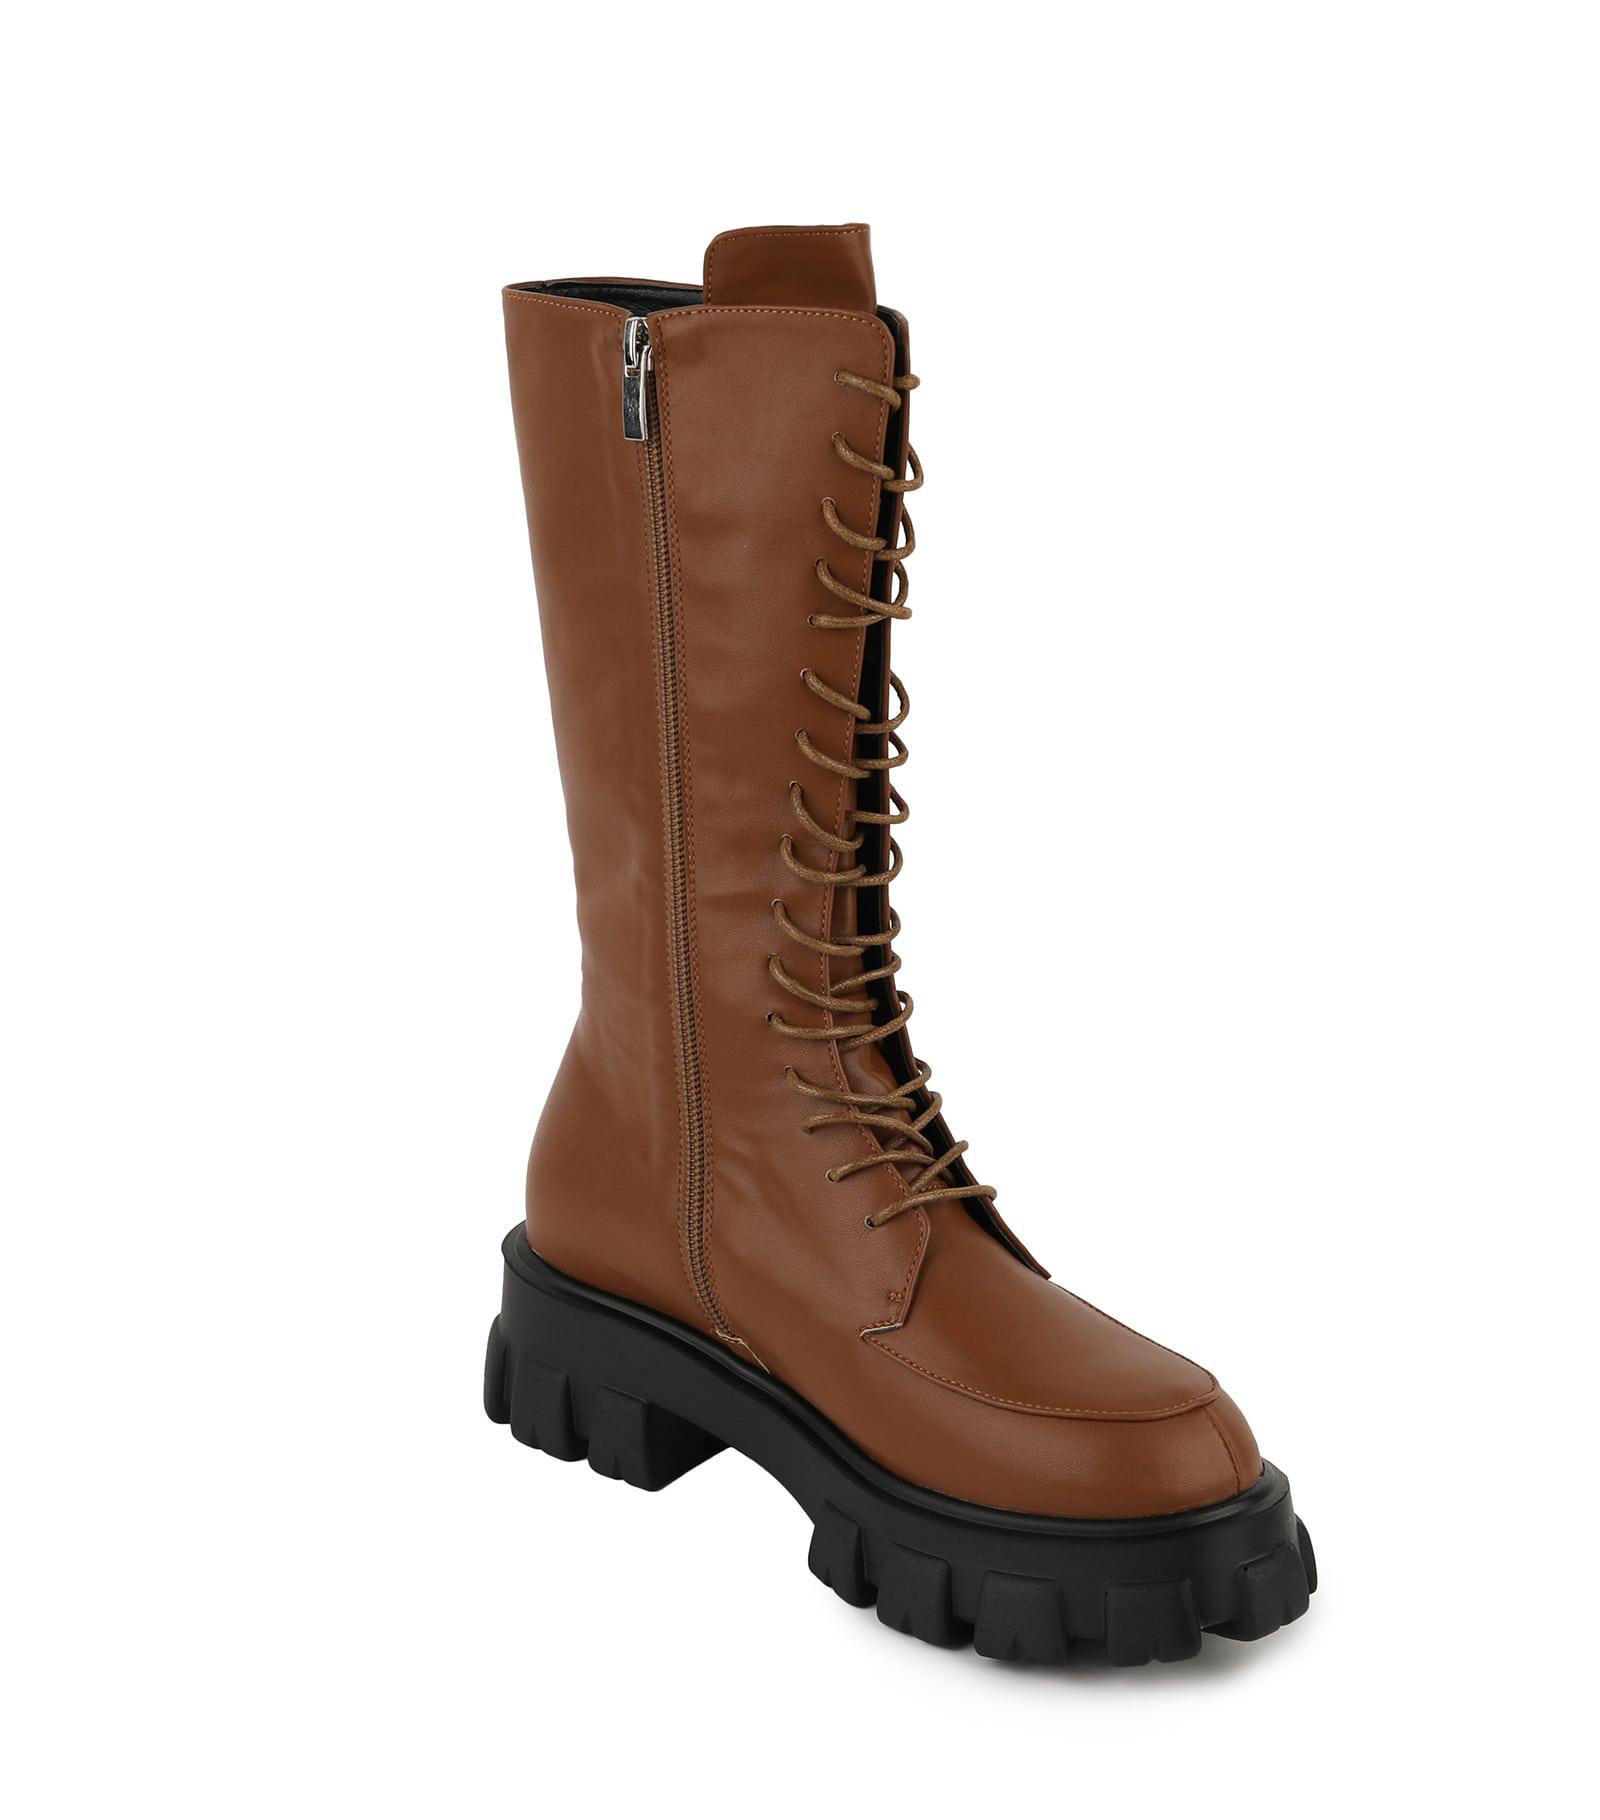 DOMIX lace-up walker boots